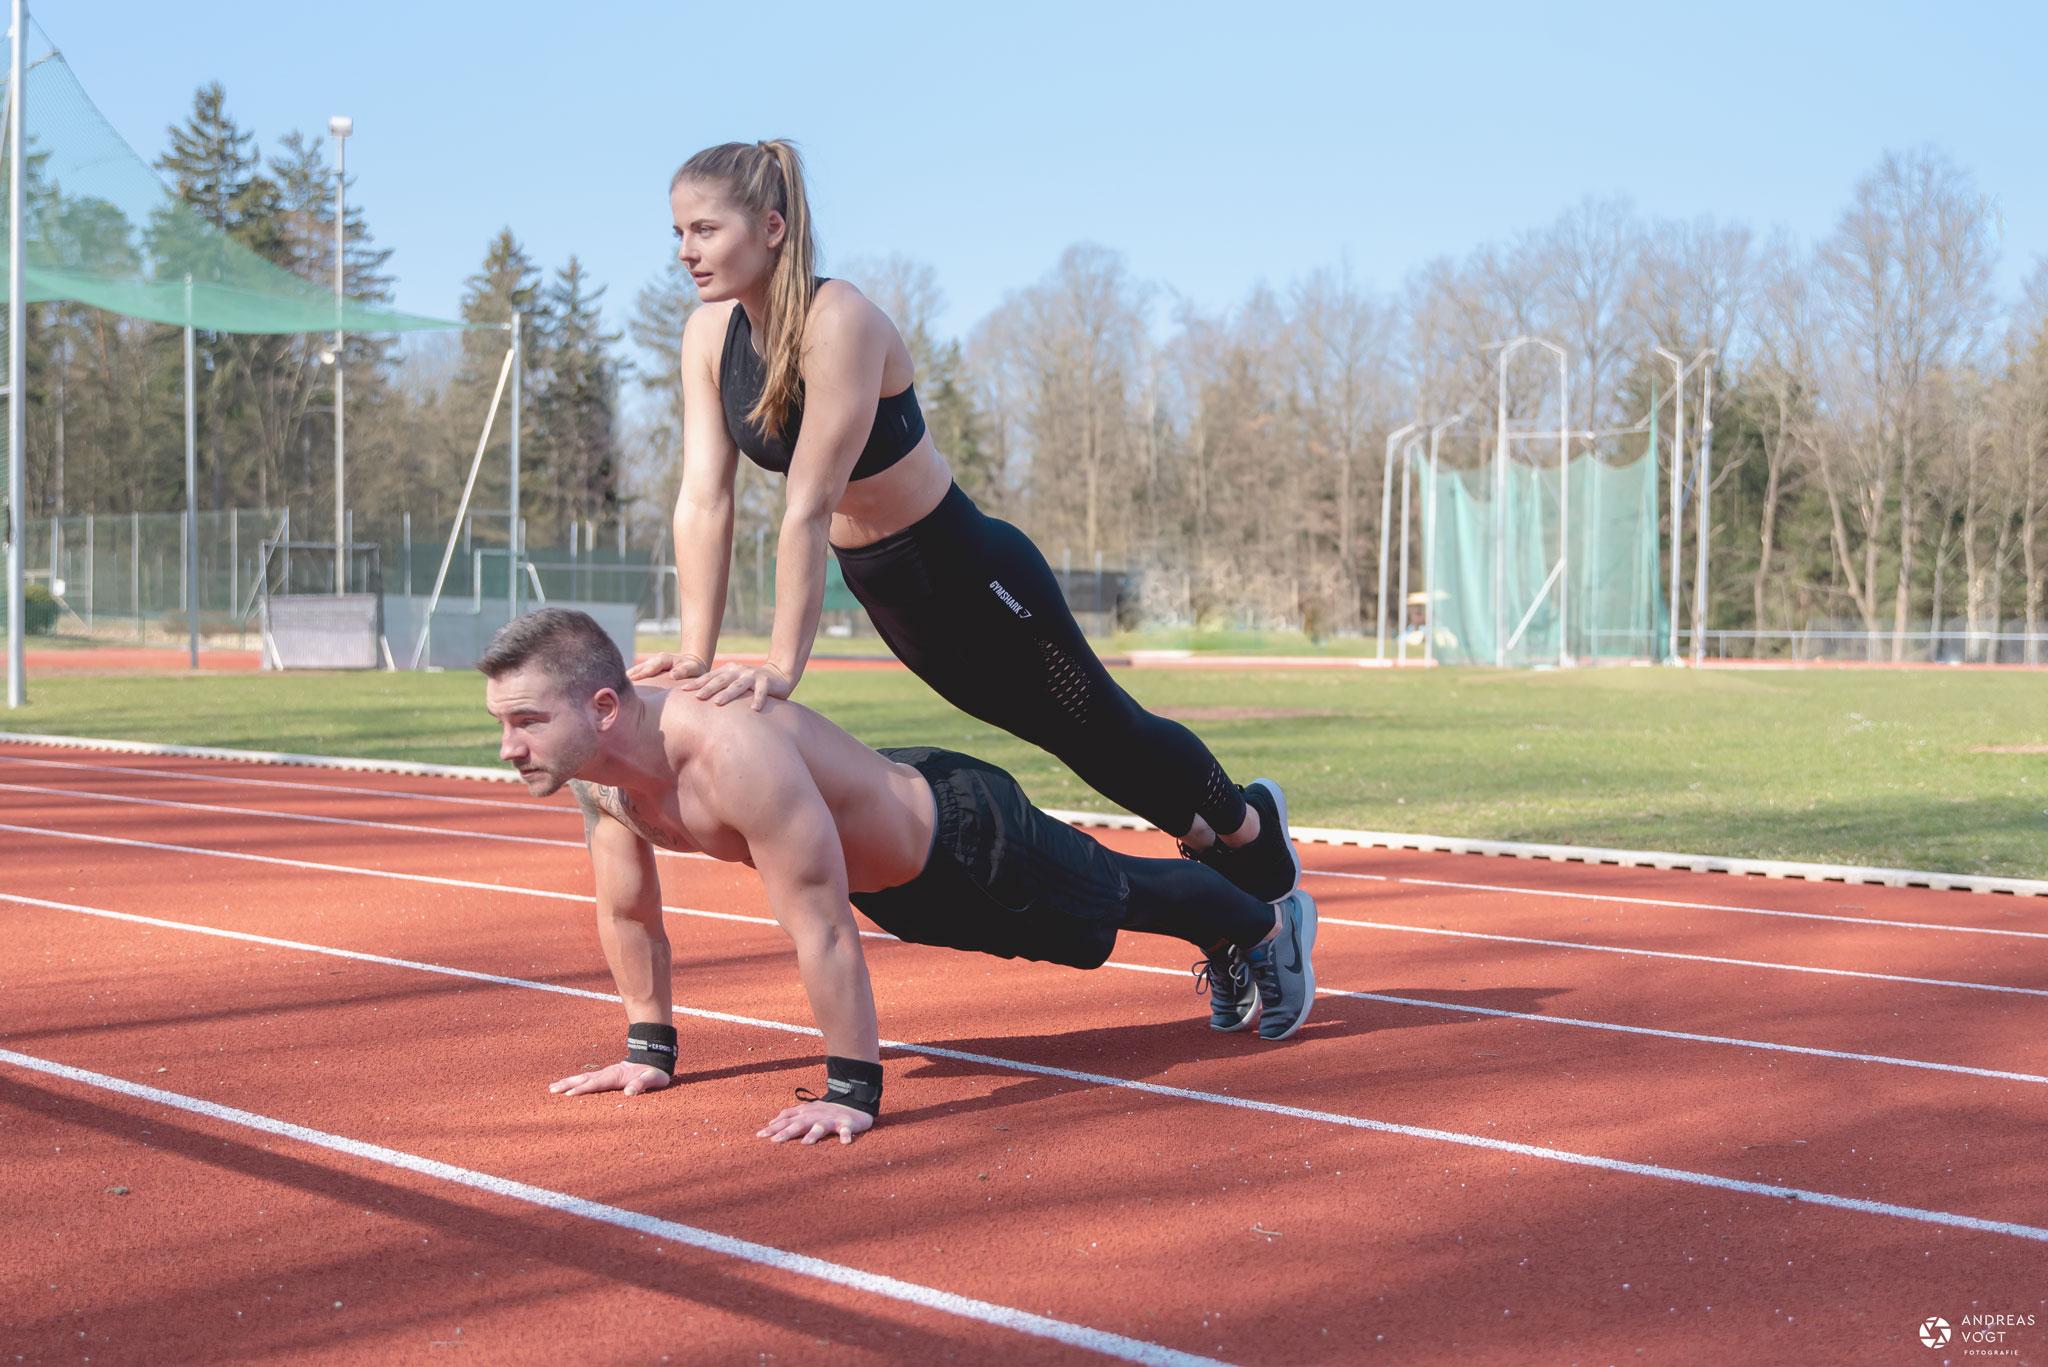 fitnessfotos-in-aalen-andreas-vogt-fotograf